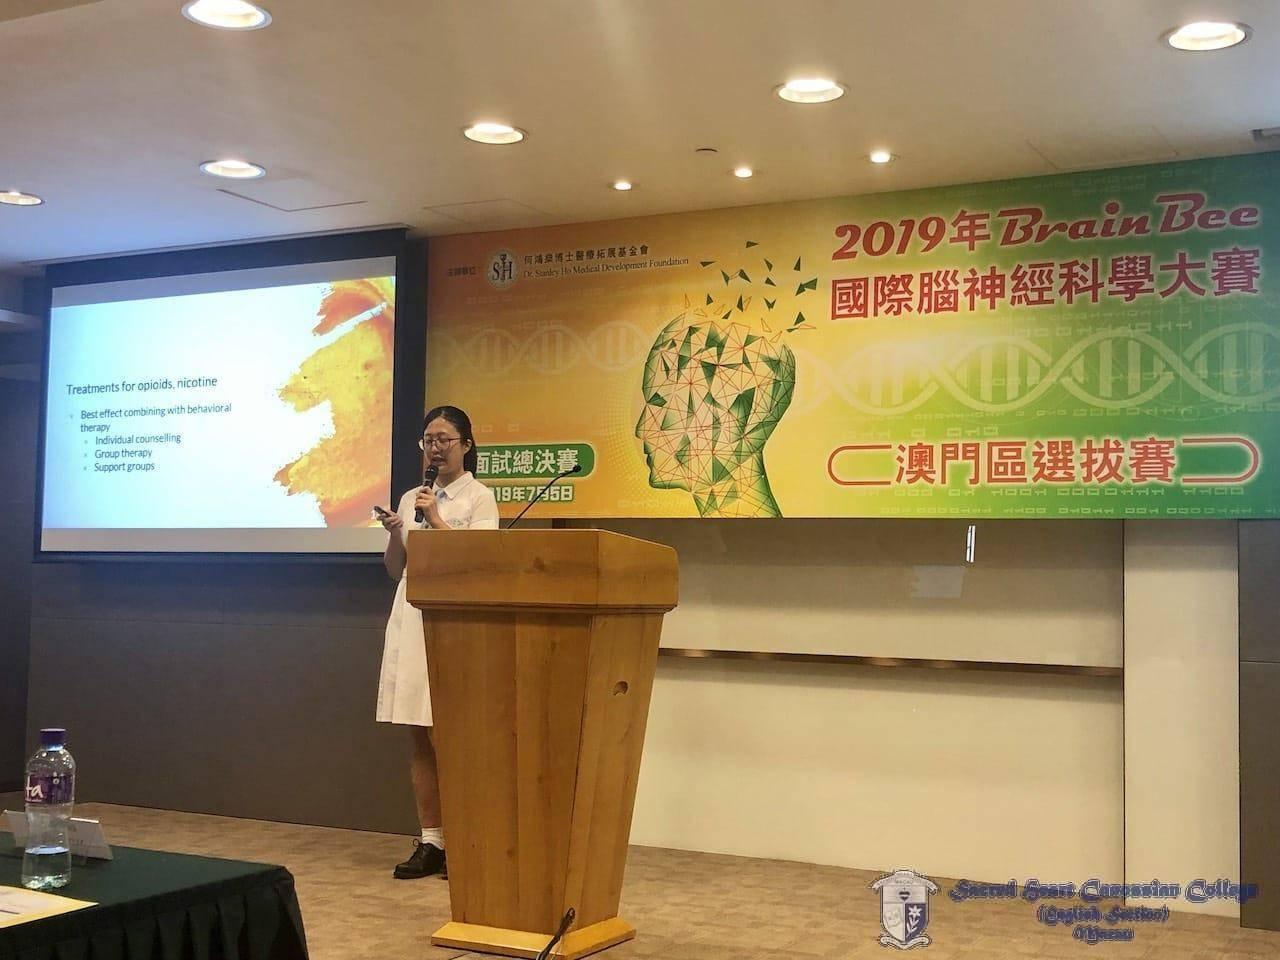 Brain Bee Challenge 2019 (Macau)